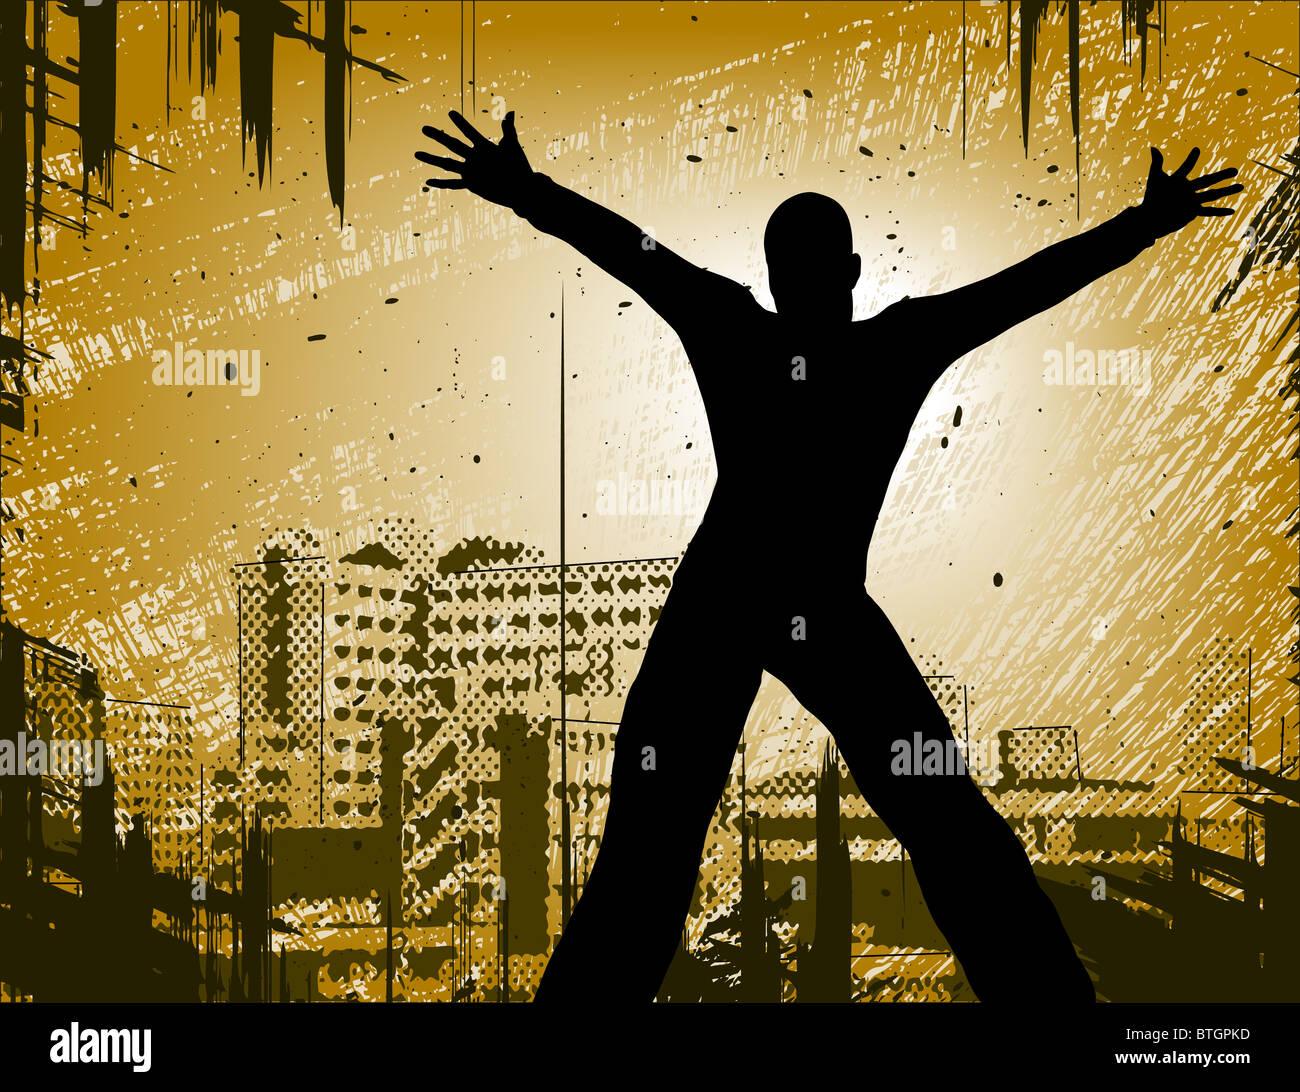 Illustrata la progettazione di un uomo in una città con il grunge Immagini Stock